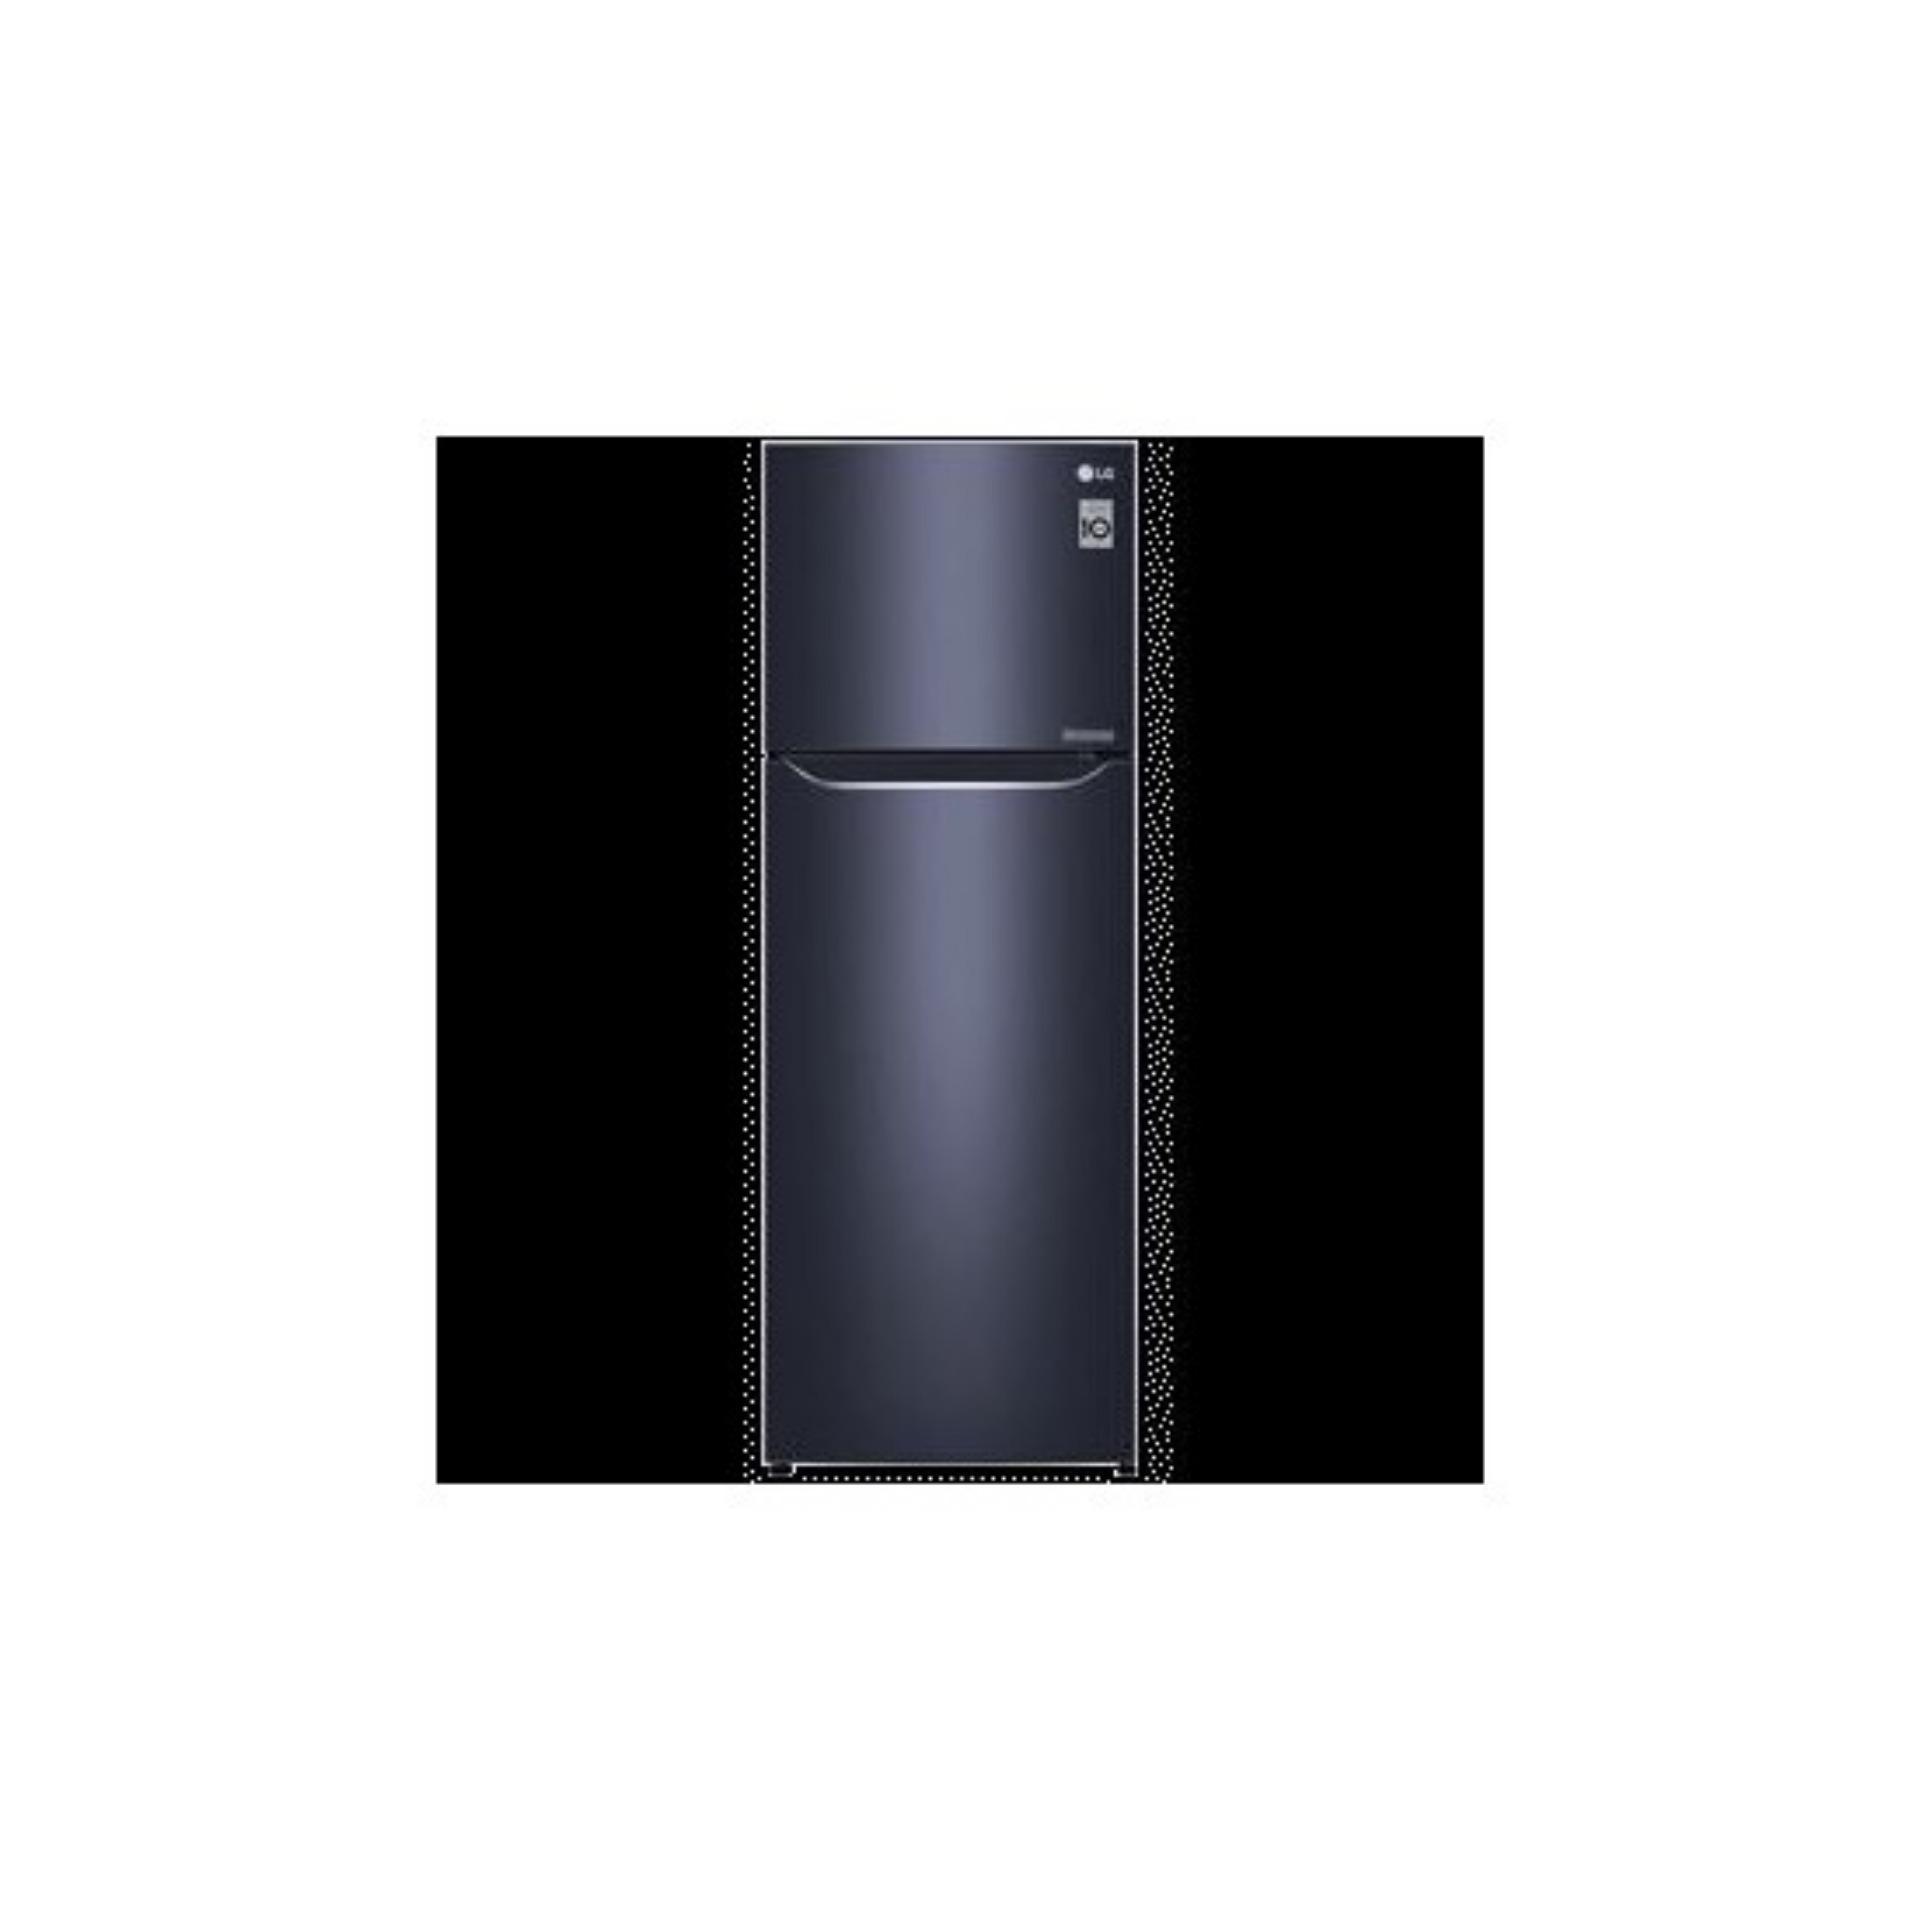 Hình ảnh Tủ lạnh LG Inverter 315 lít GN-L315PN